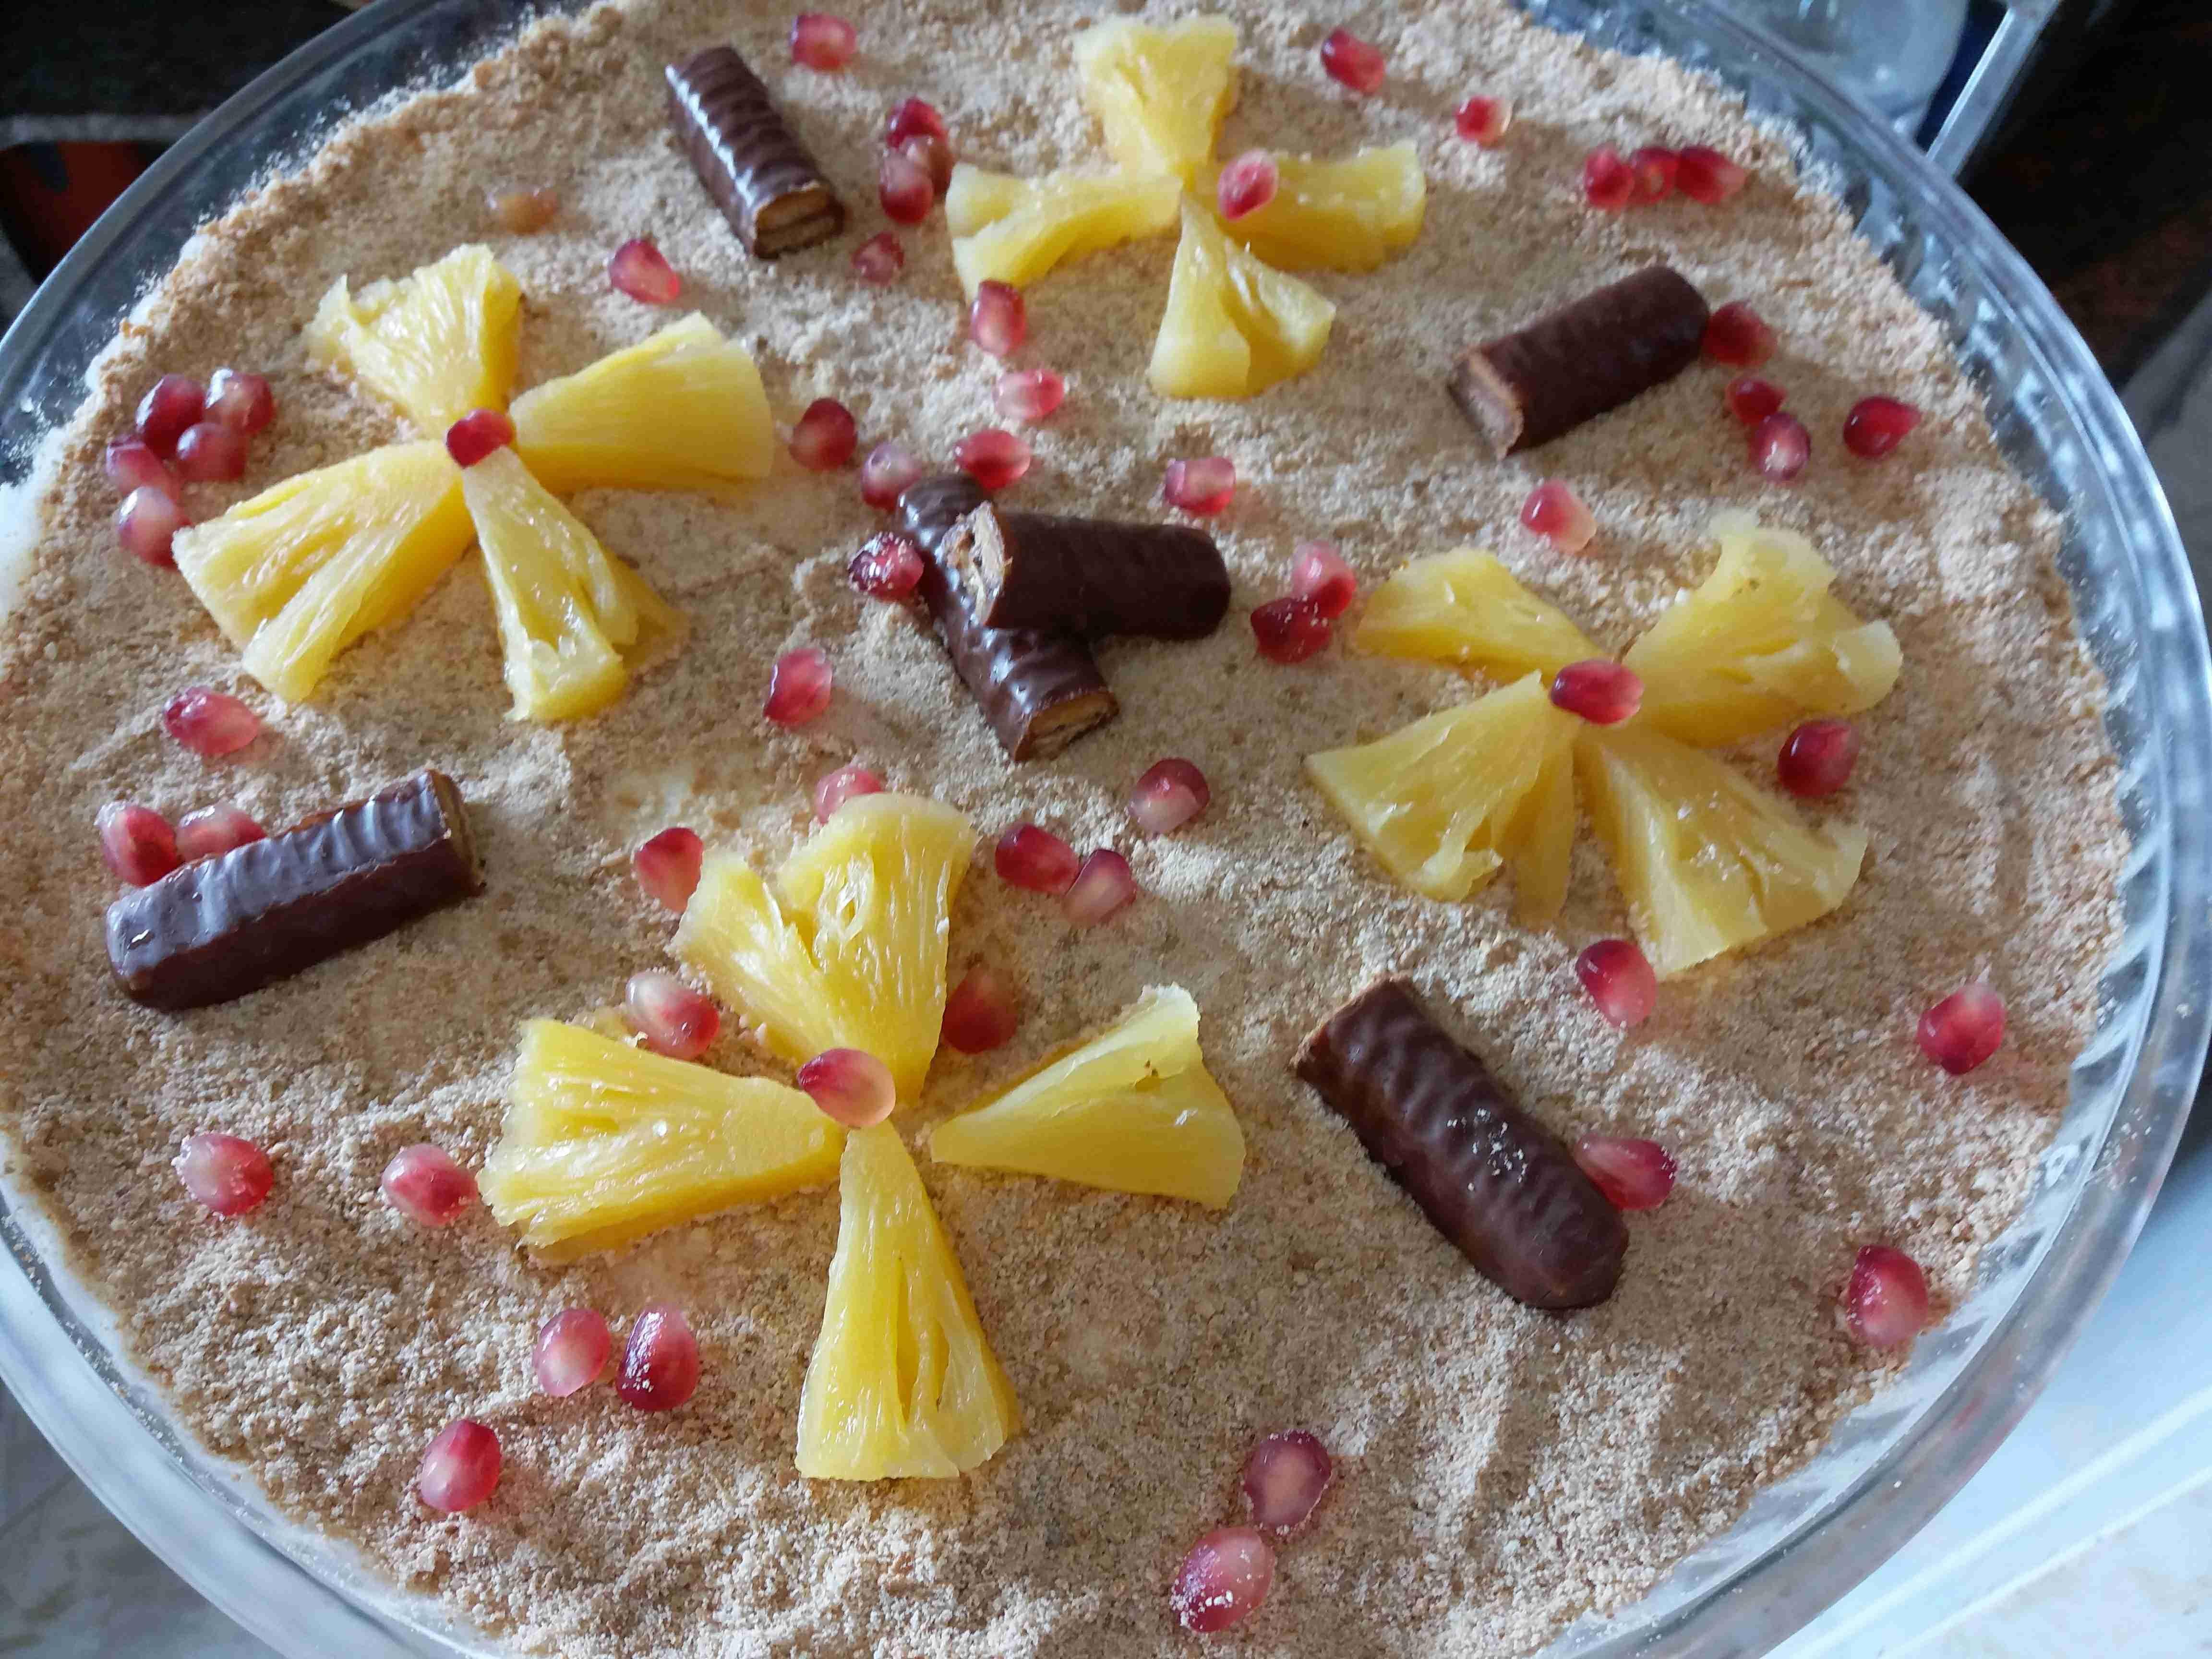 حلى رمل البحر زاكي Food Desserts Arabic Sweets